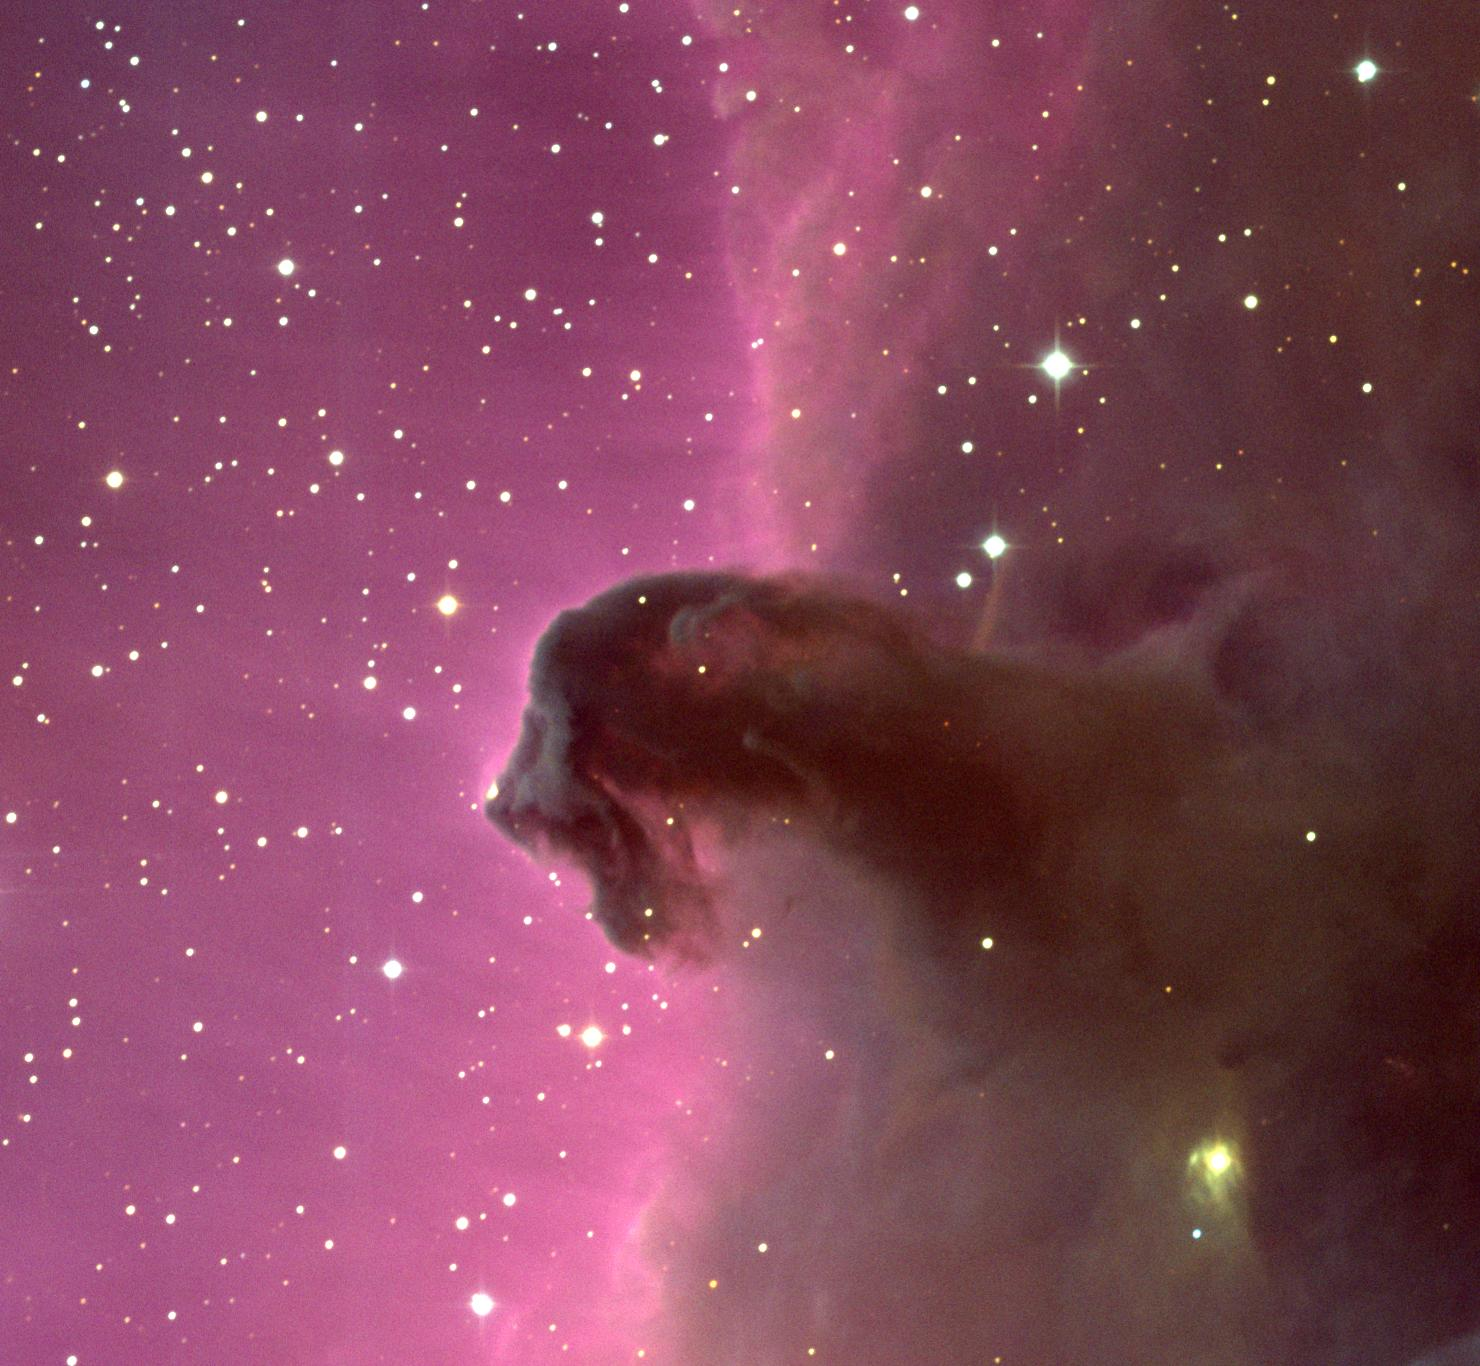 2007 May 27 - The Horsehead Nebula